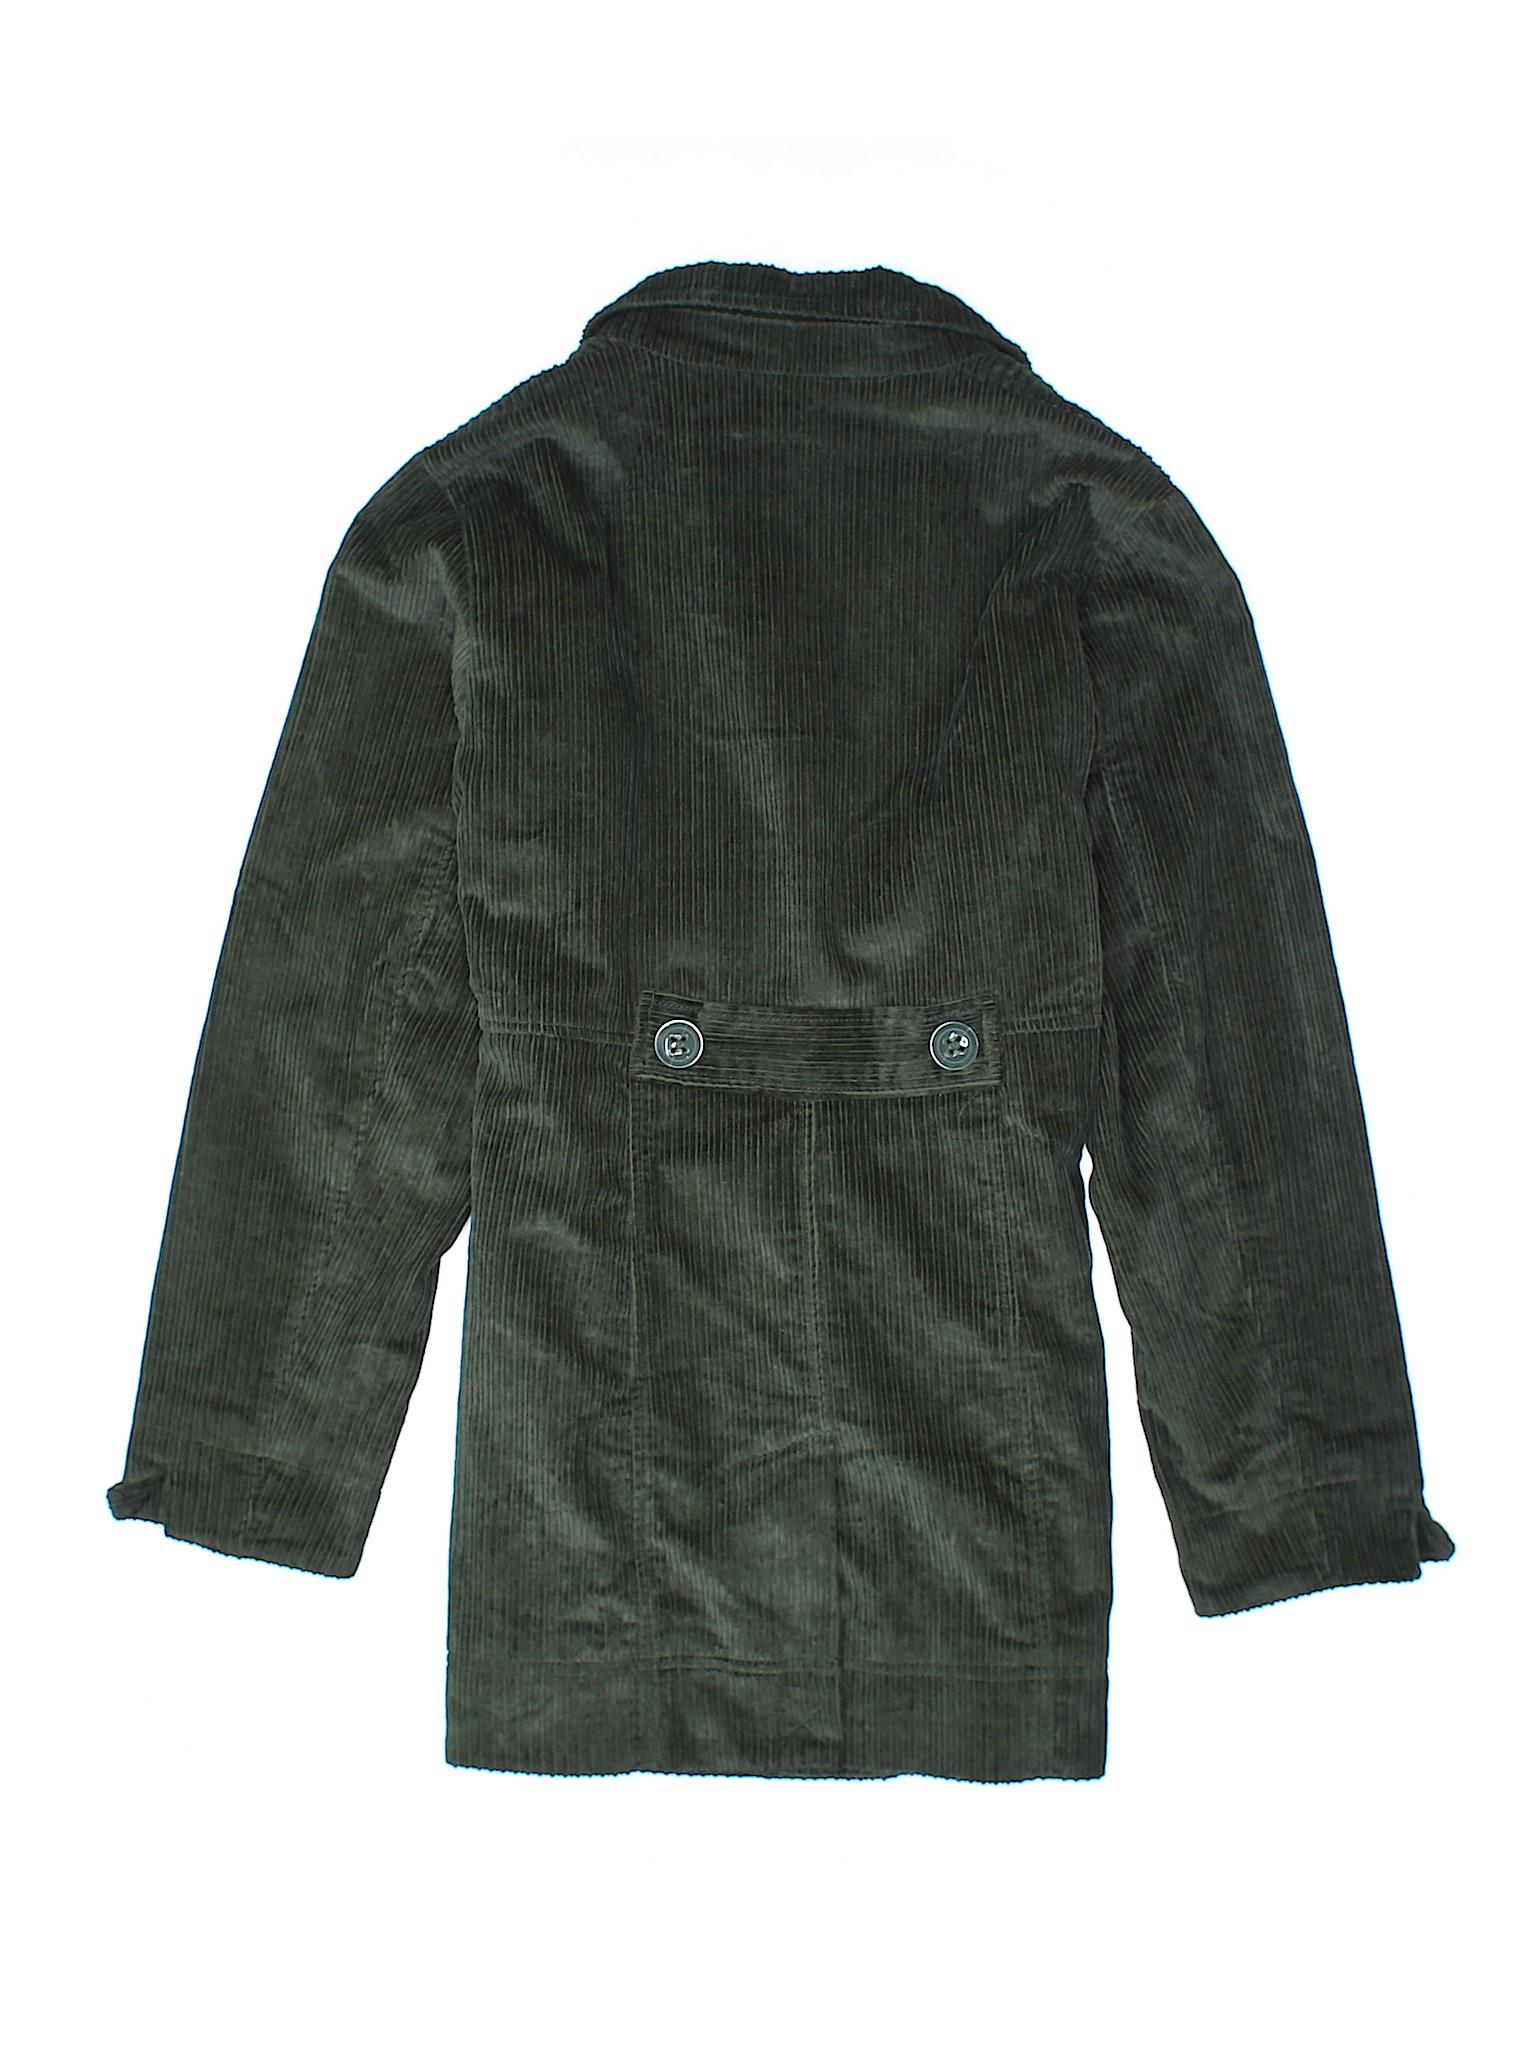 amp;Co leisure Boutique Boutique amp;Co D Coat leisure D Boutique Boutique amp;Co leisure D Coat Coat n4qzpwtYCx